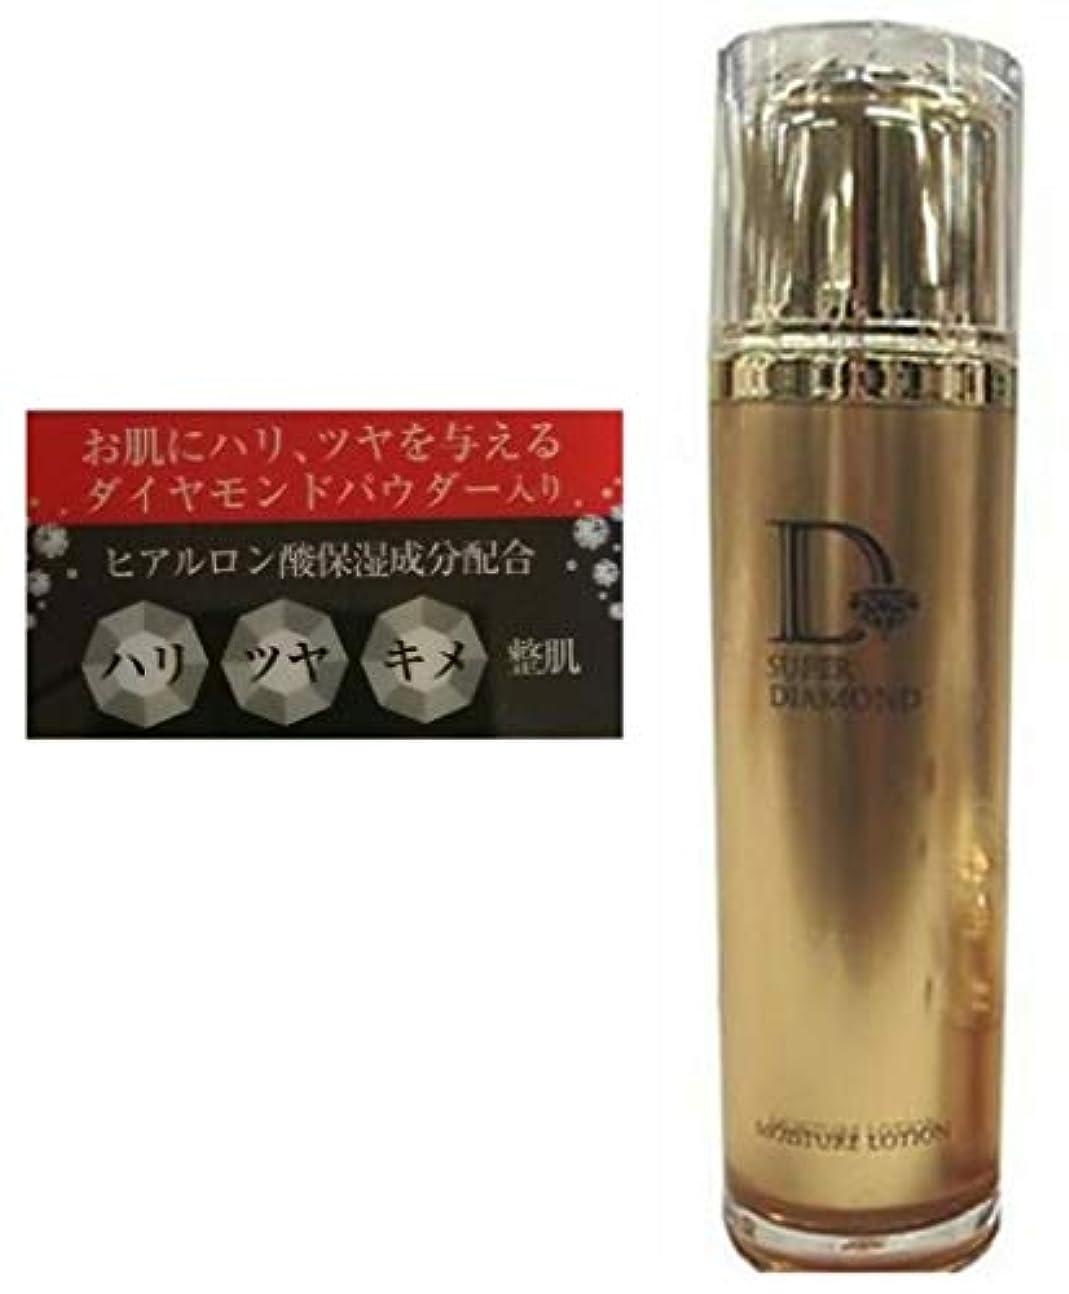 オーロック衝撃うめきスーパーダイヤモンド 保湿化粧水 ハリ ツヤ キメ ダイヤモンド 日本製 保湿 化粧水 ヒアルロン酸